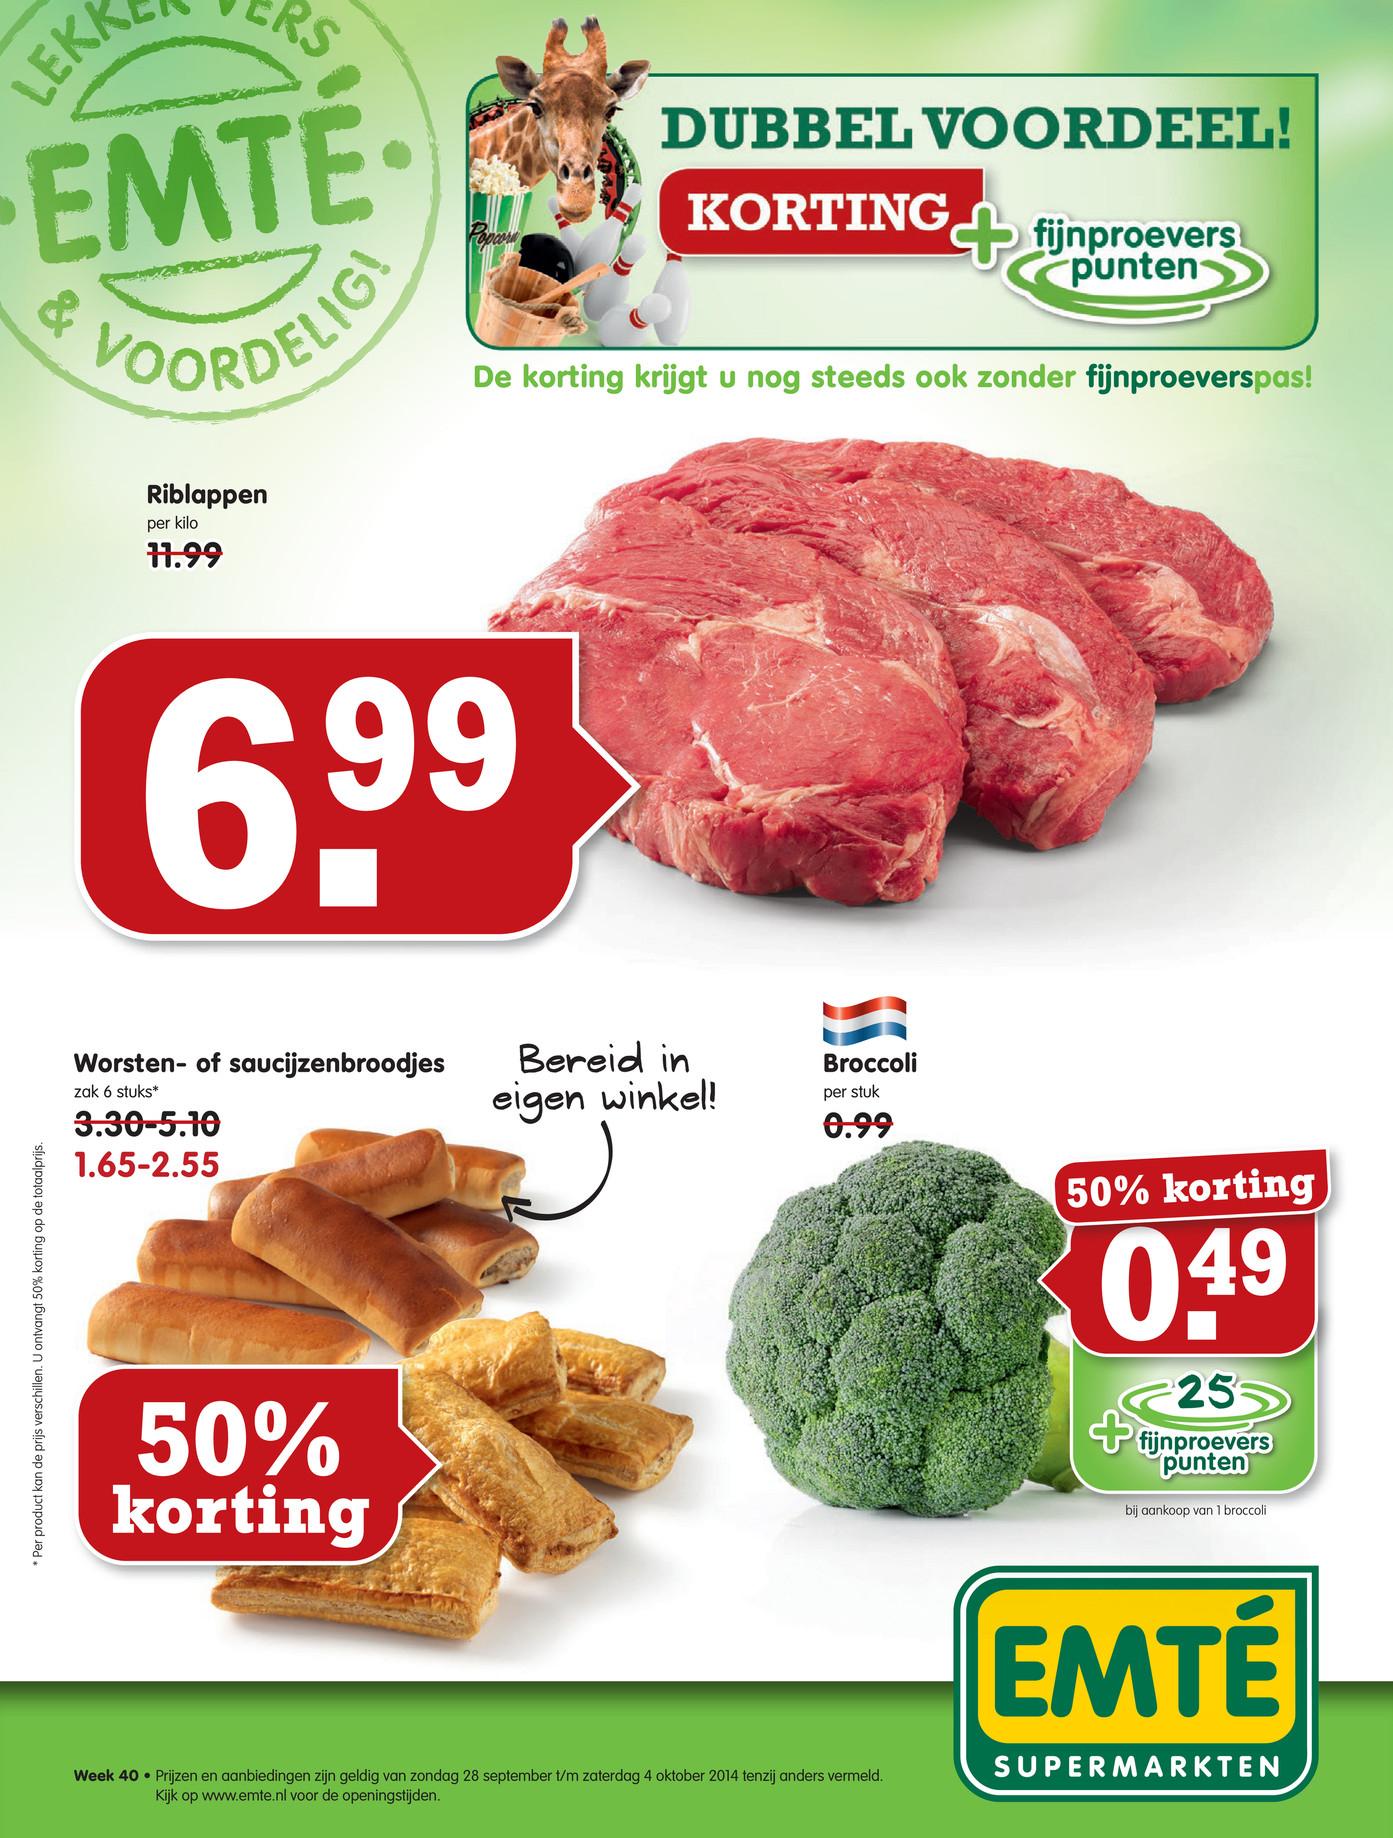 50% korting op verse worsten- en saucijzenbroodjes @ Emté